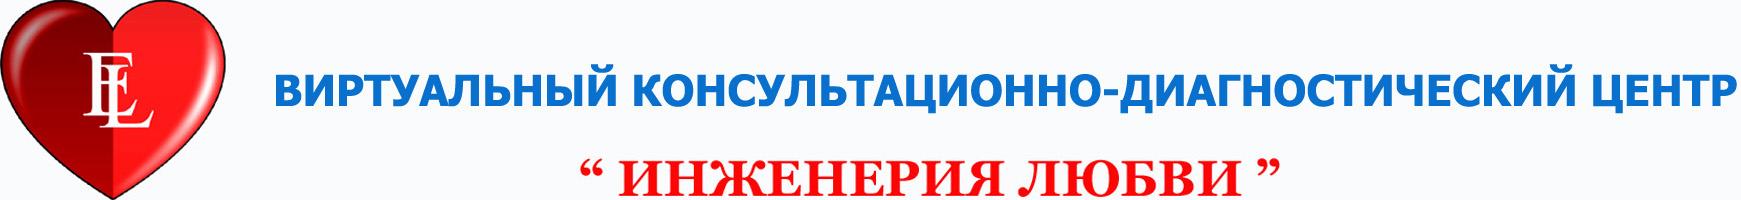 """Виртуальный консультационно-диагностический центр """"Инженерия любви"""""""